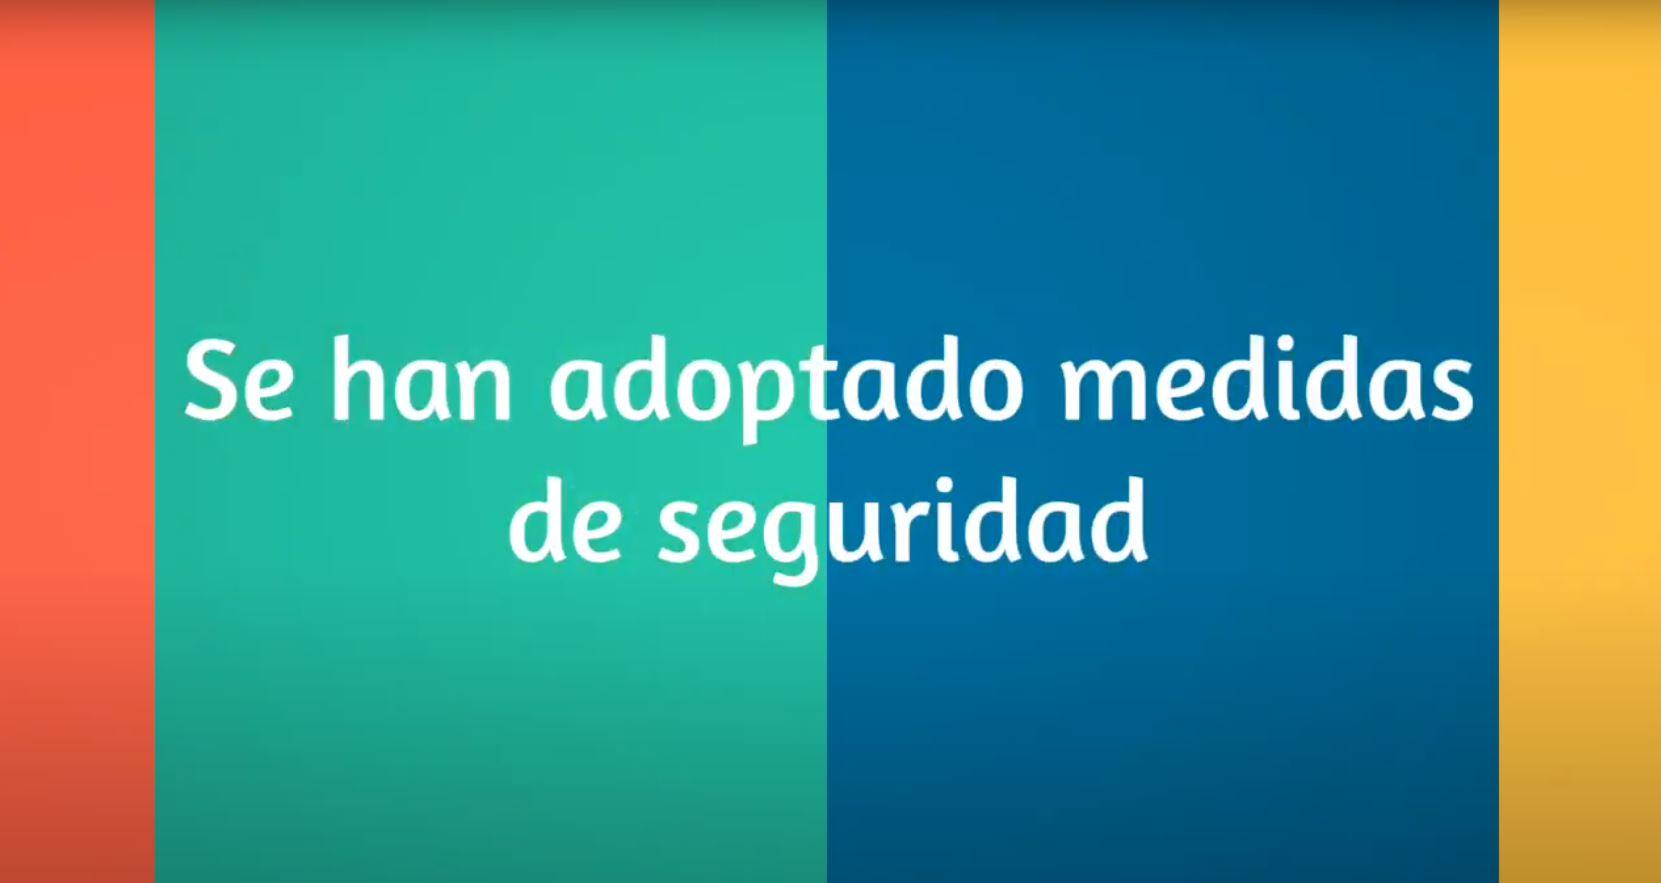 MEDIDAS-SEGURIDAD-COVID-19